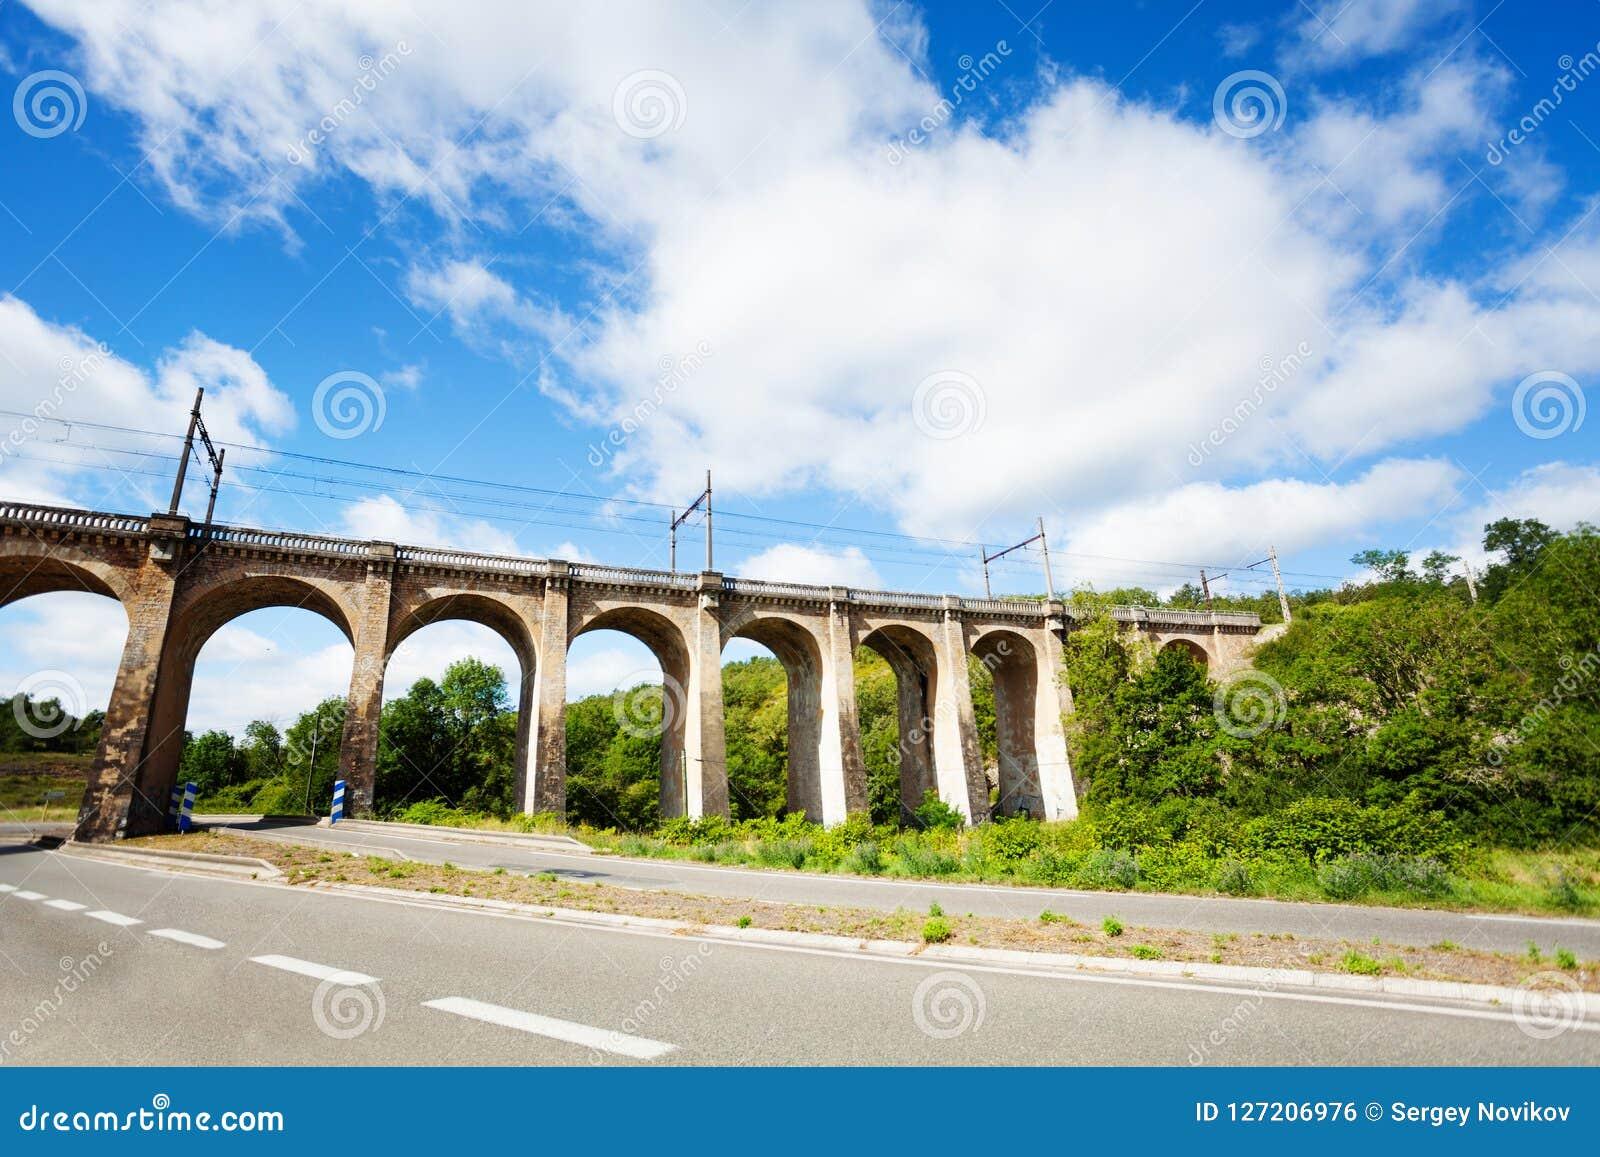 Aquaduct dichtbij de Commune van Labastide Marnhac, het zuiden van Frankrijk